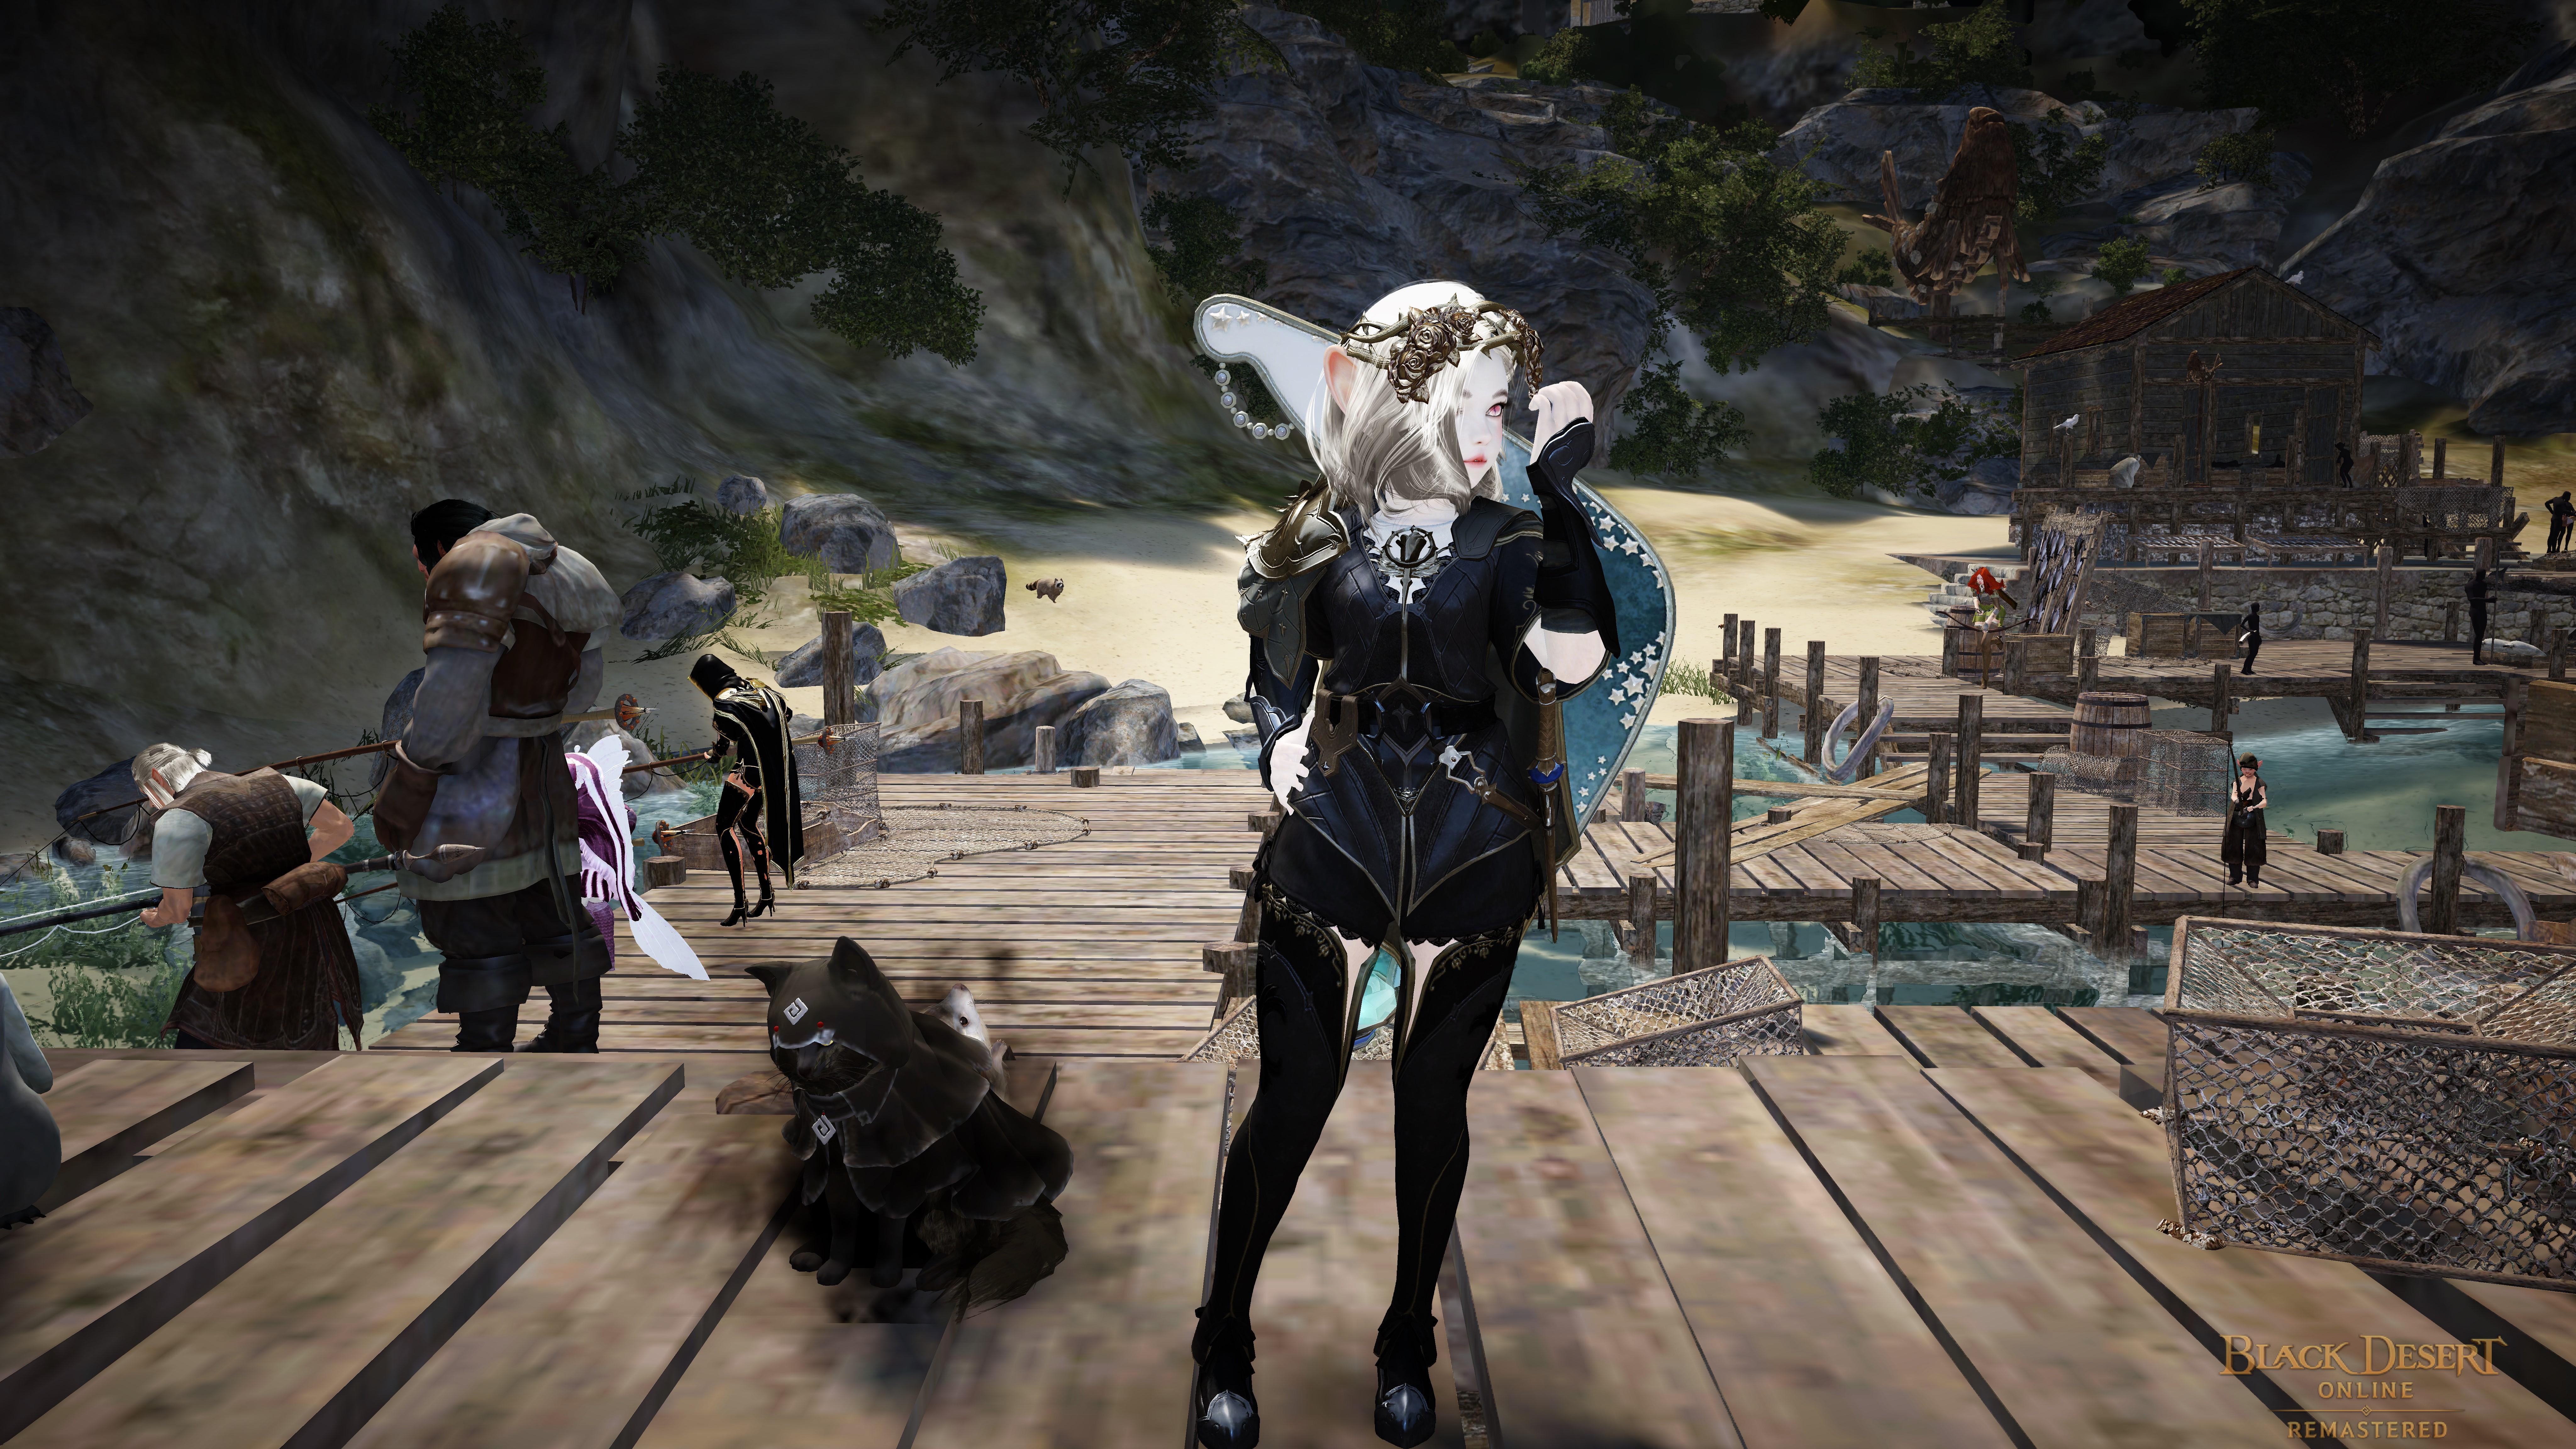 Black Desert Online - Shai Costume Vediras 2